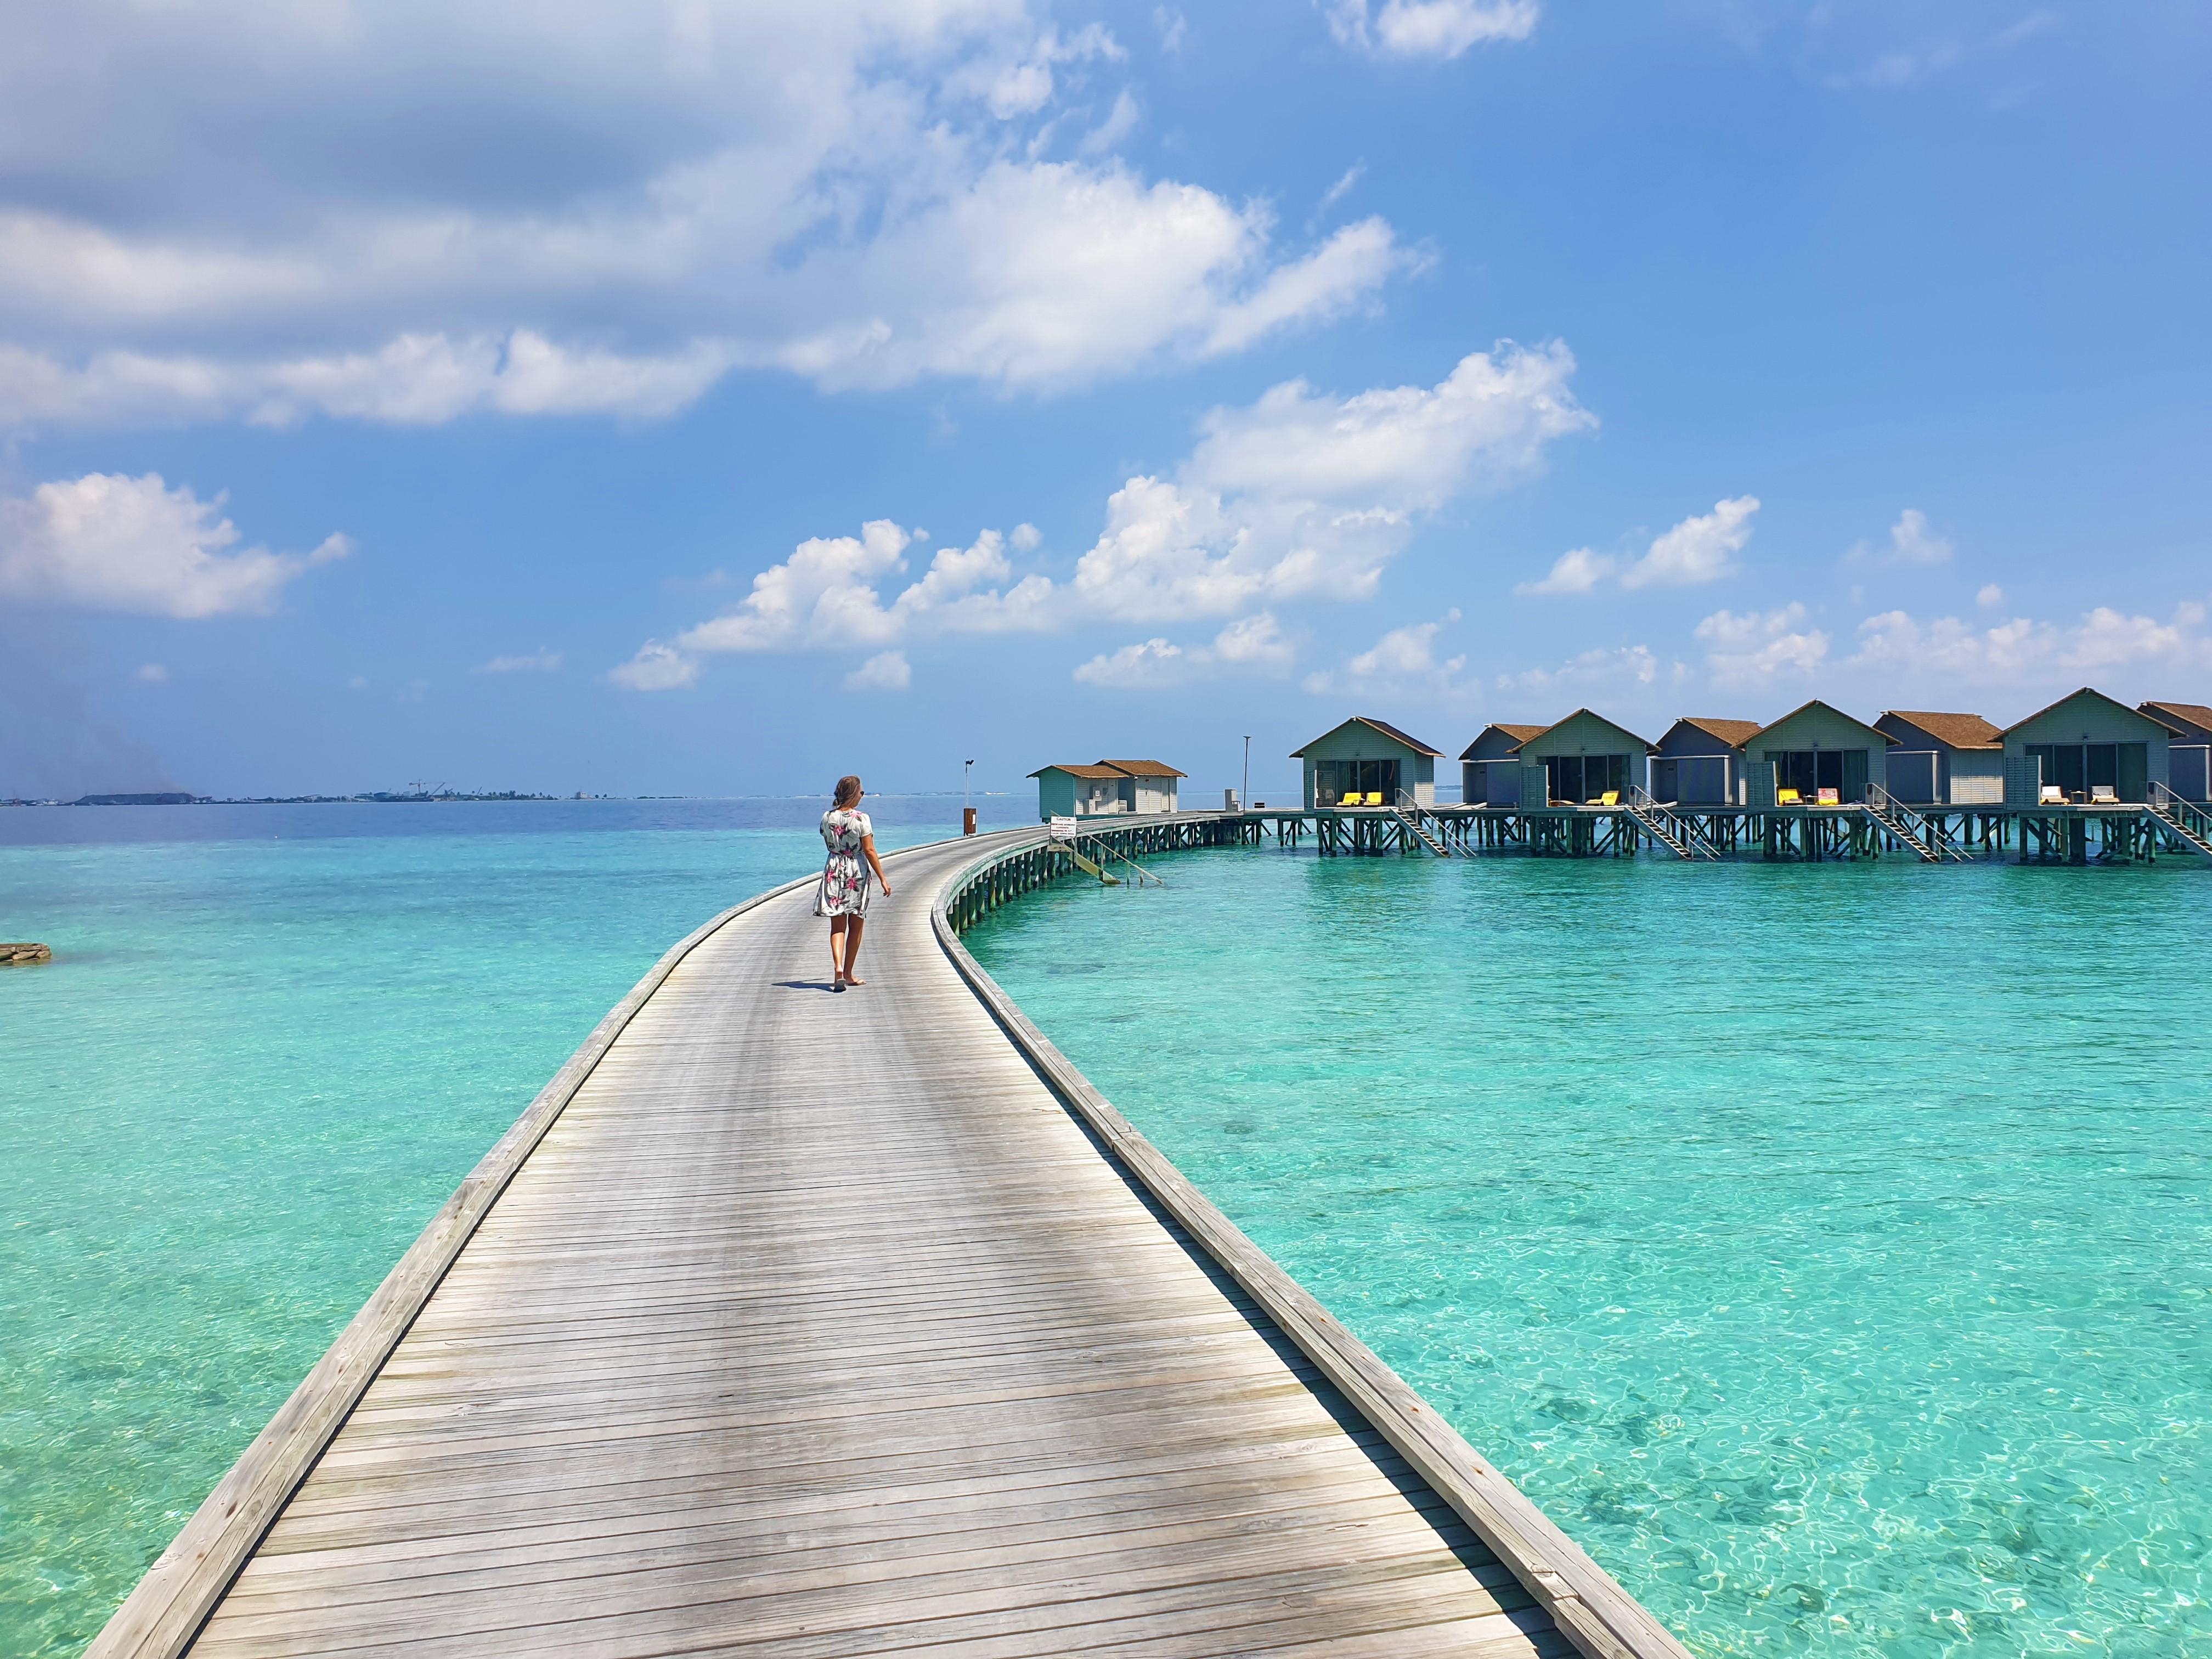 De ultieme Malediven ervaring: bezoek aan een eiland resort